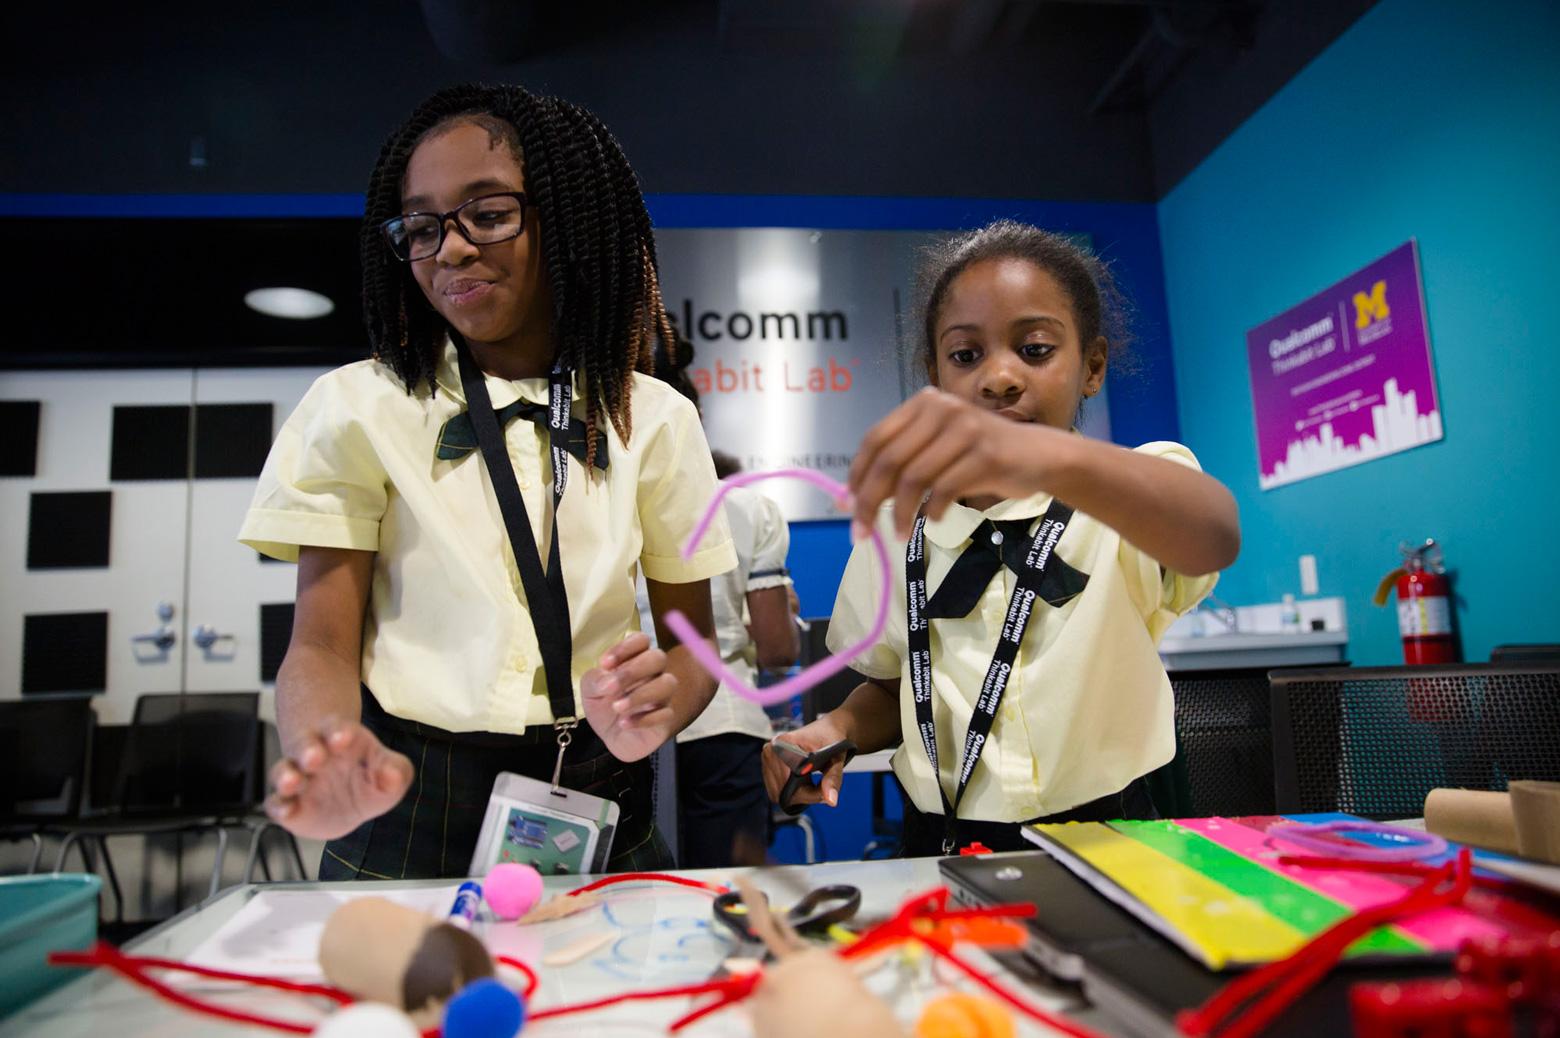 Two children work on Arduino kits